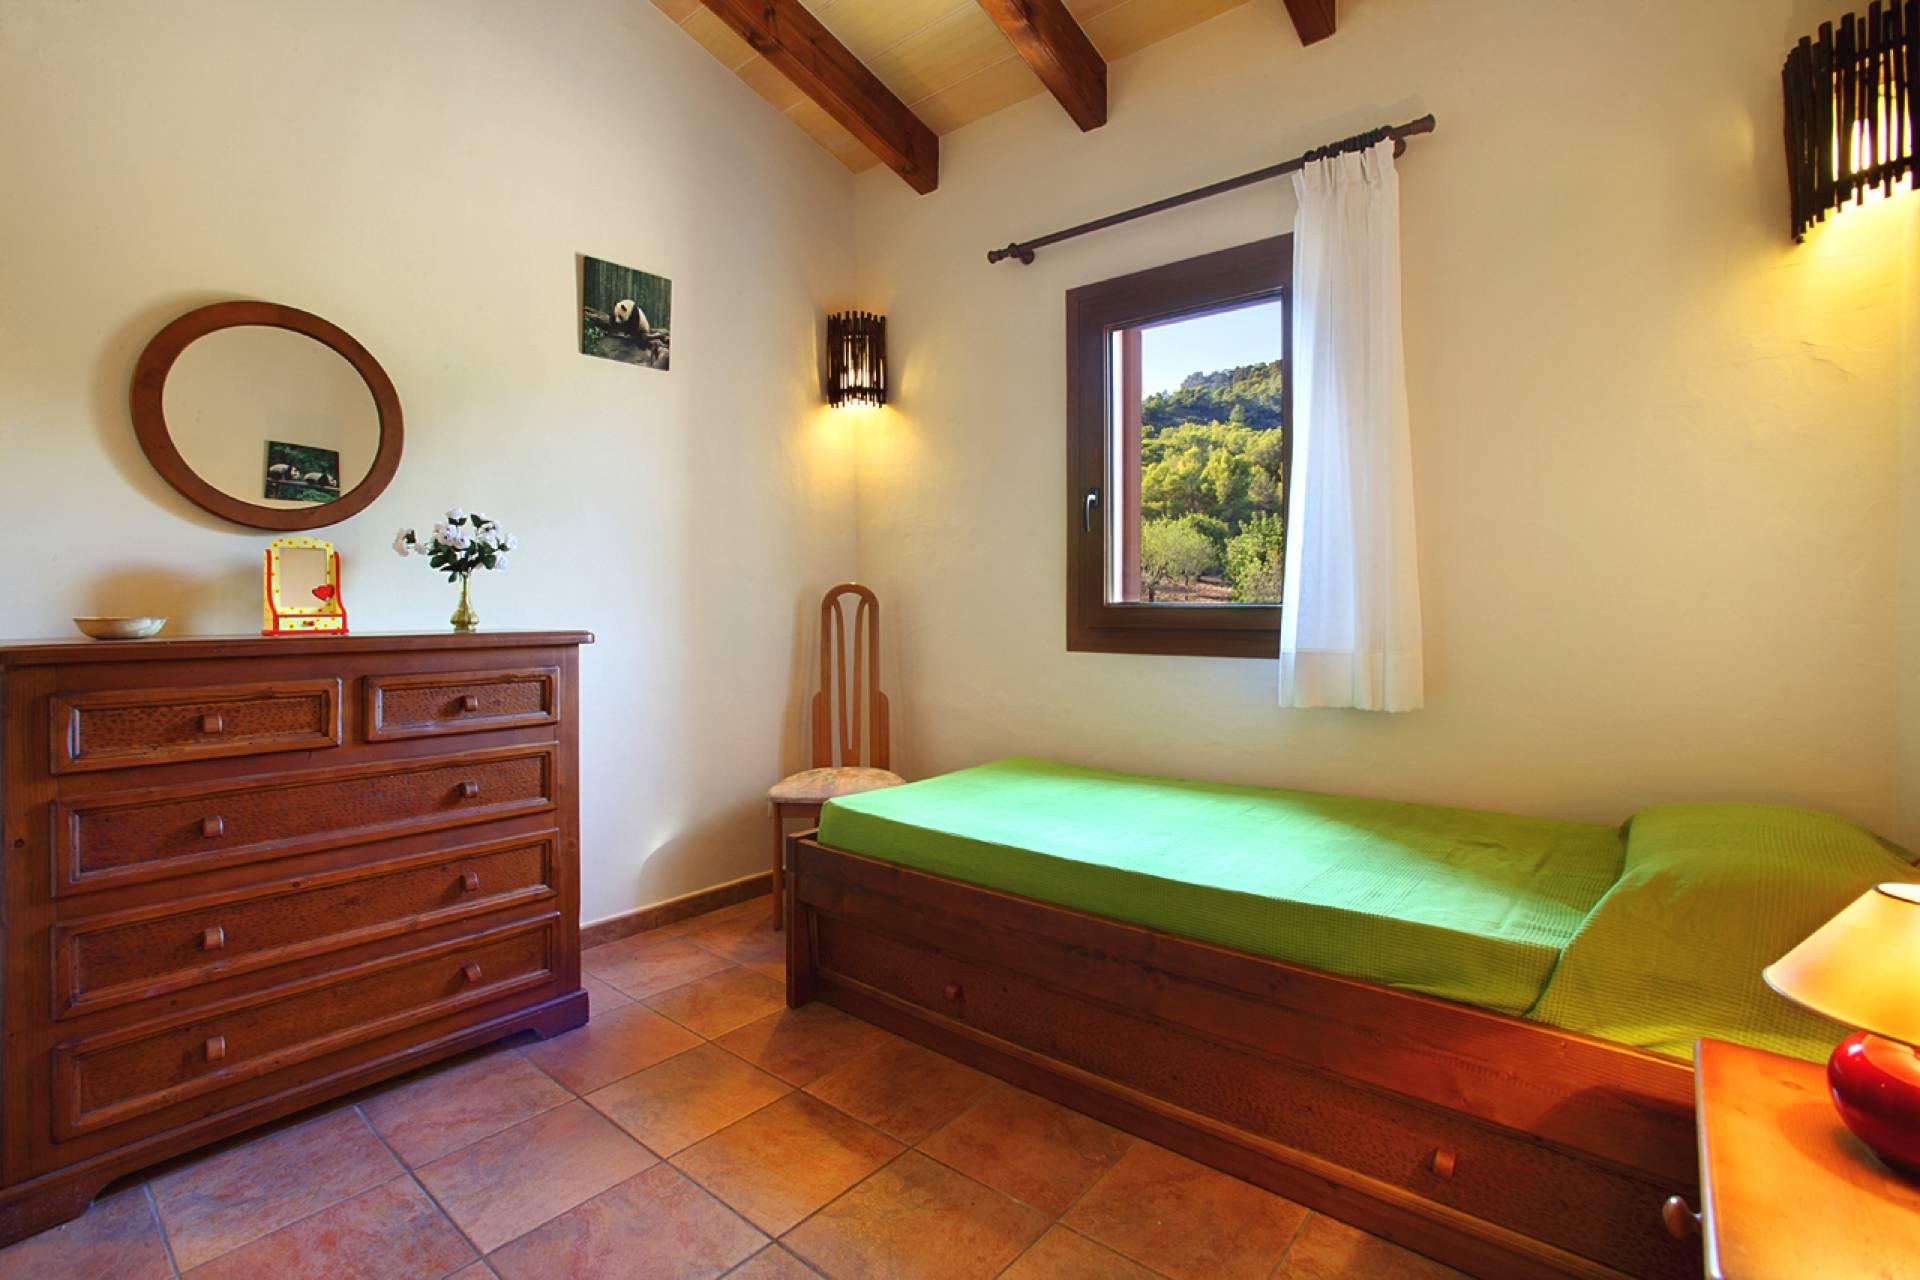 01-159 Ländliches Ferienhaus Mallorca Osten Bild 33